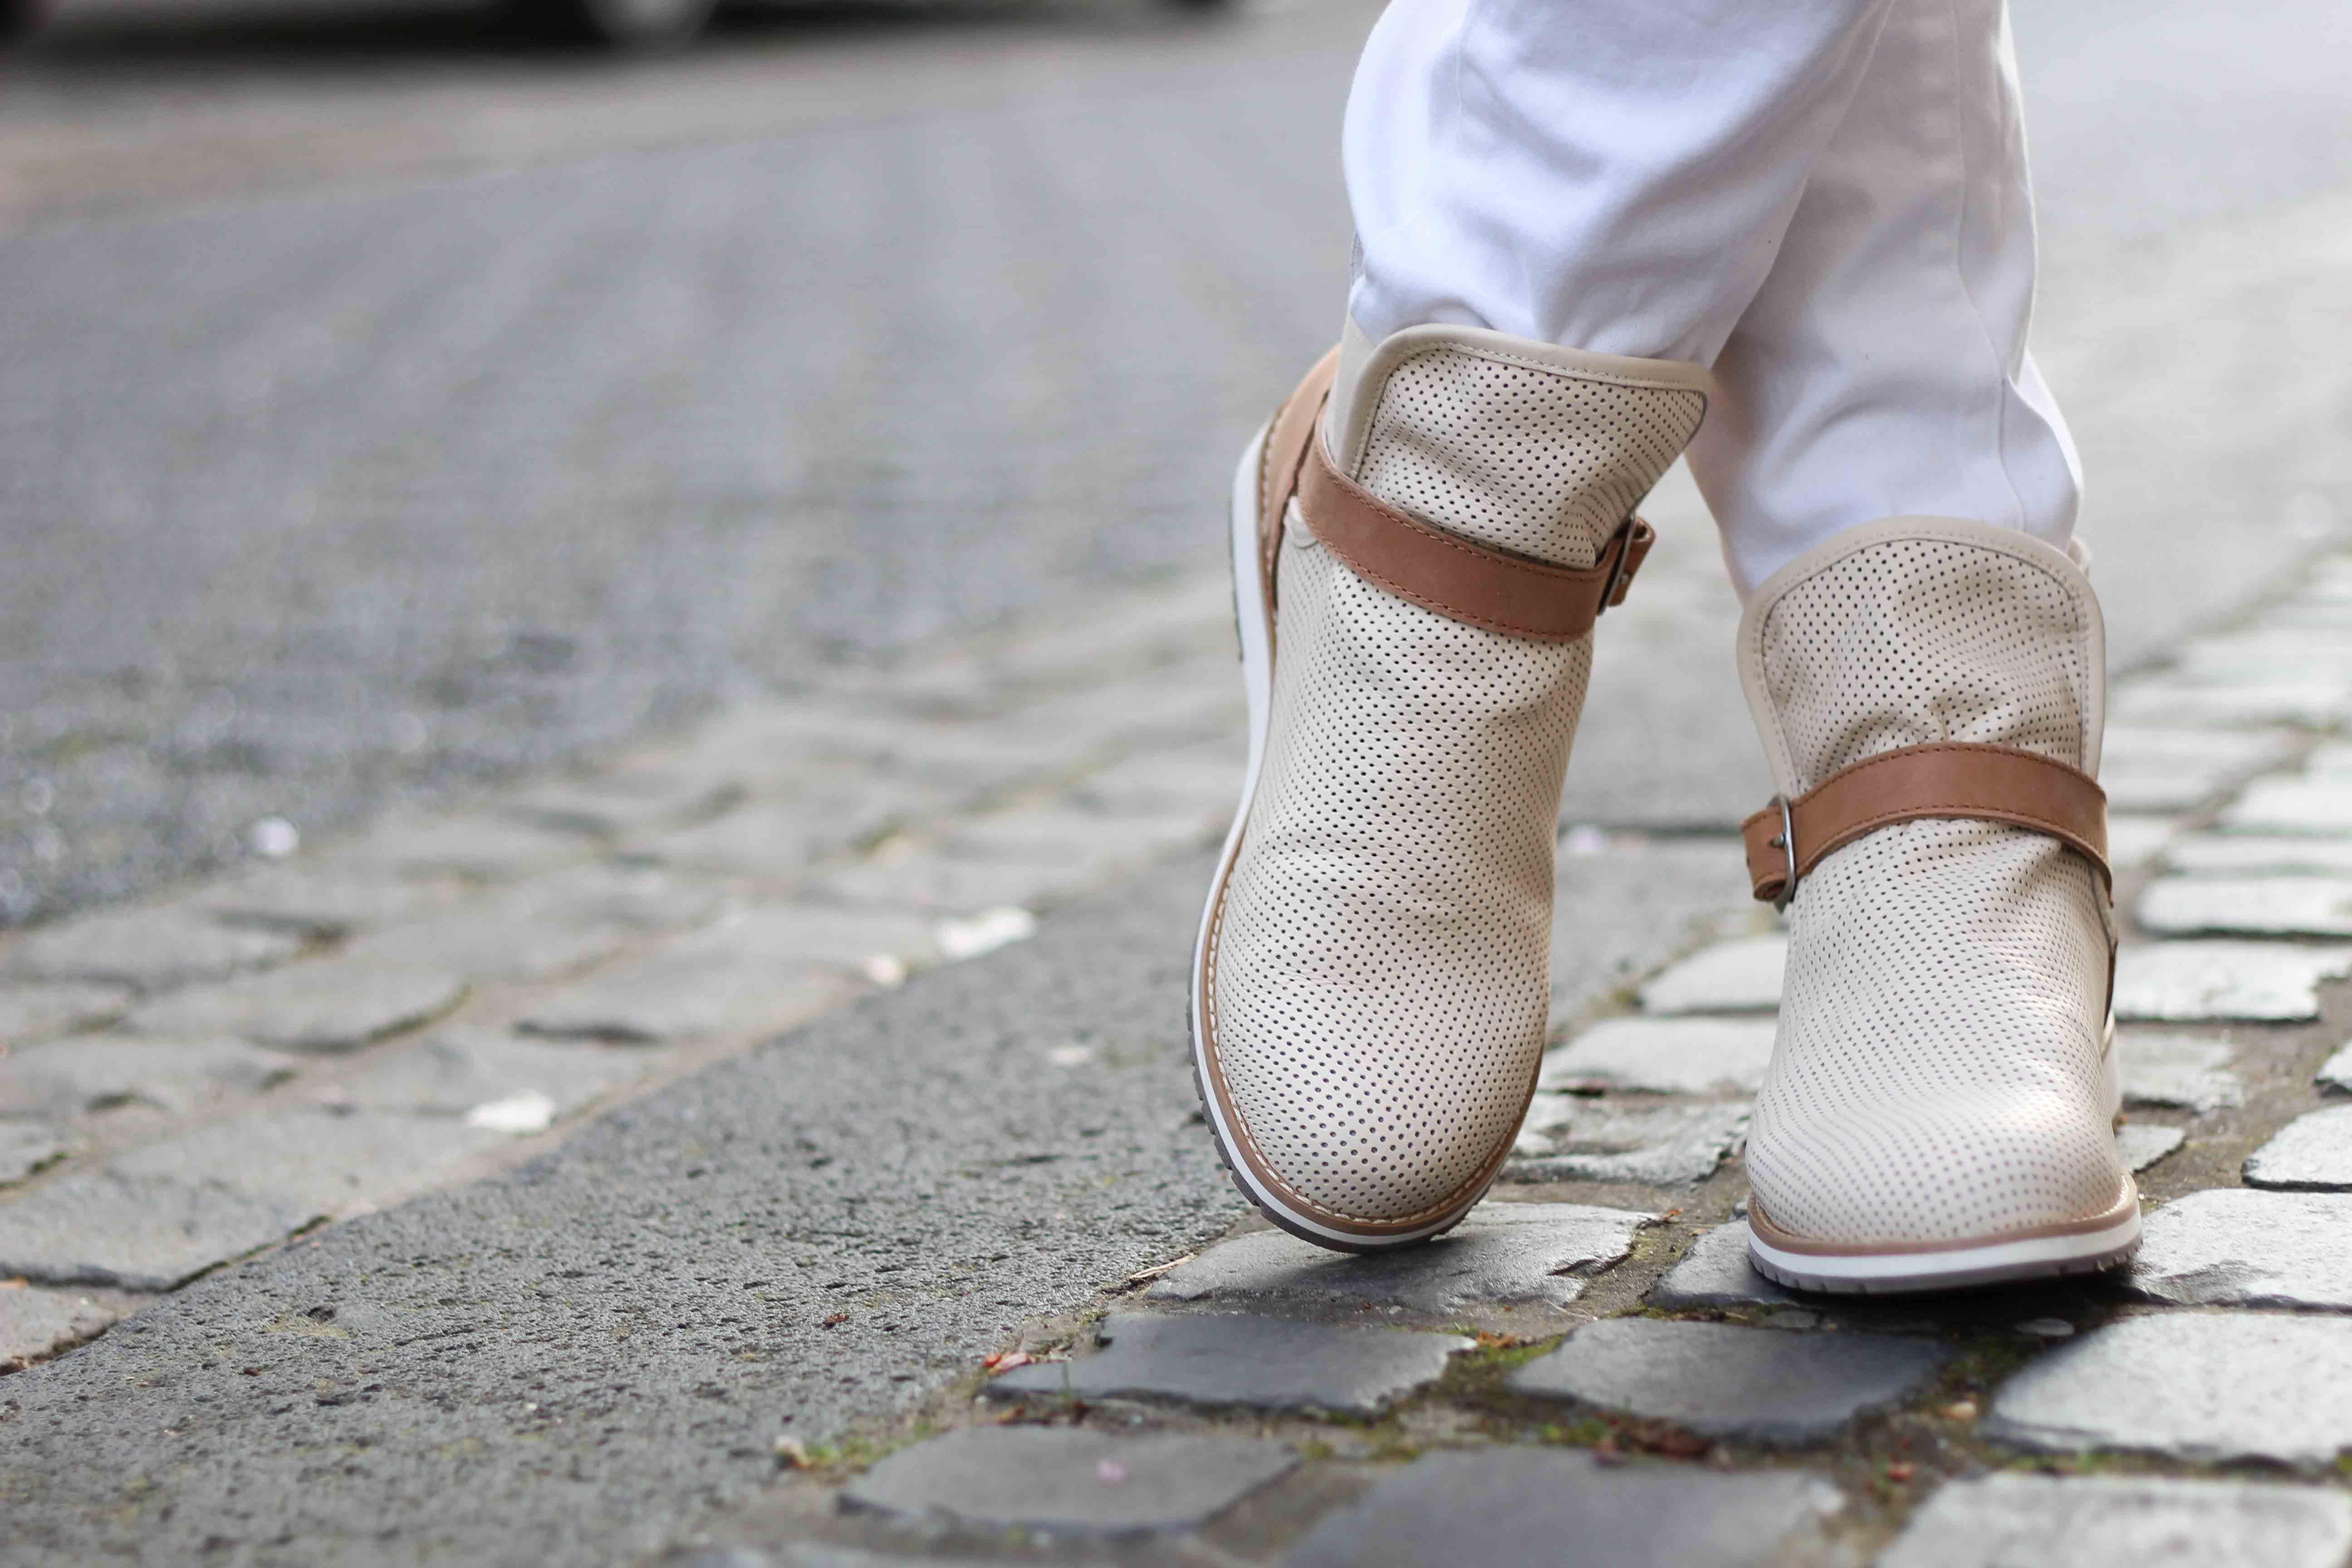 Lorne Emu Australia helle Boots Frühling Outfit OOTD 3